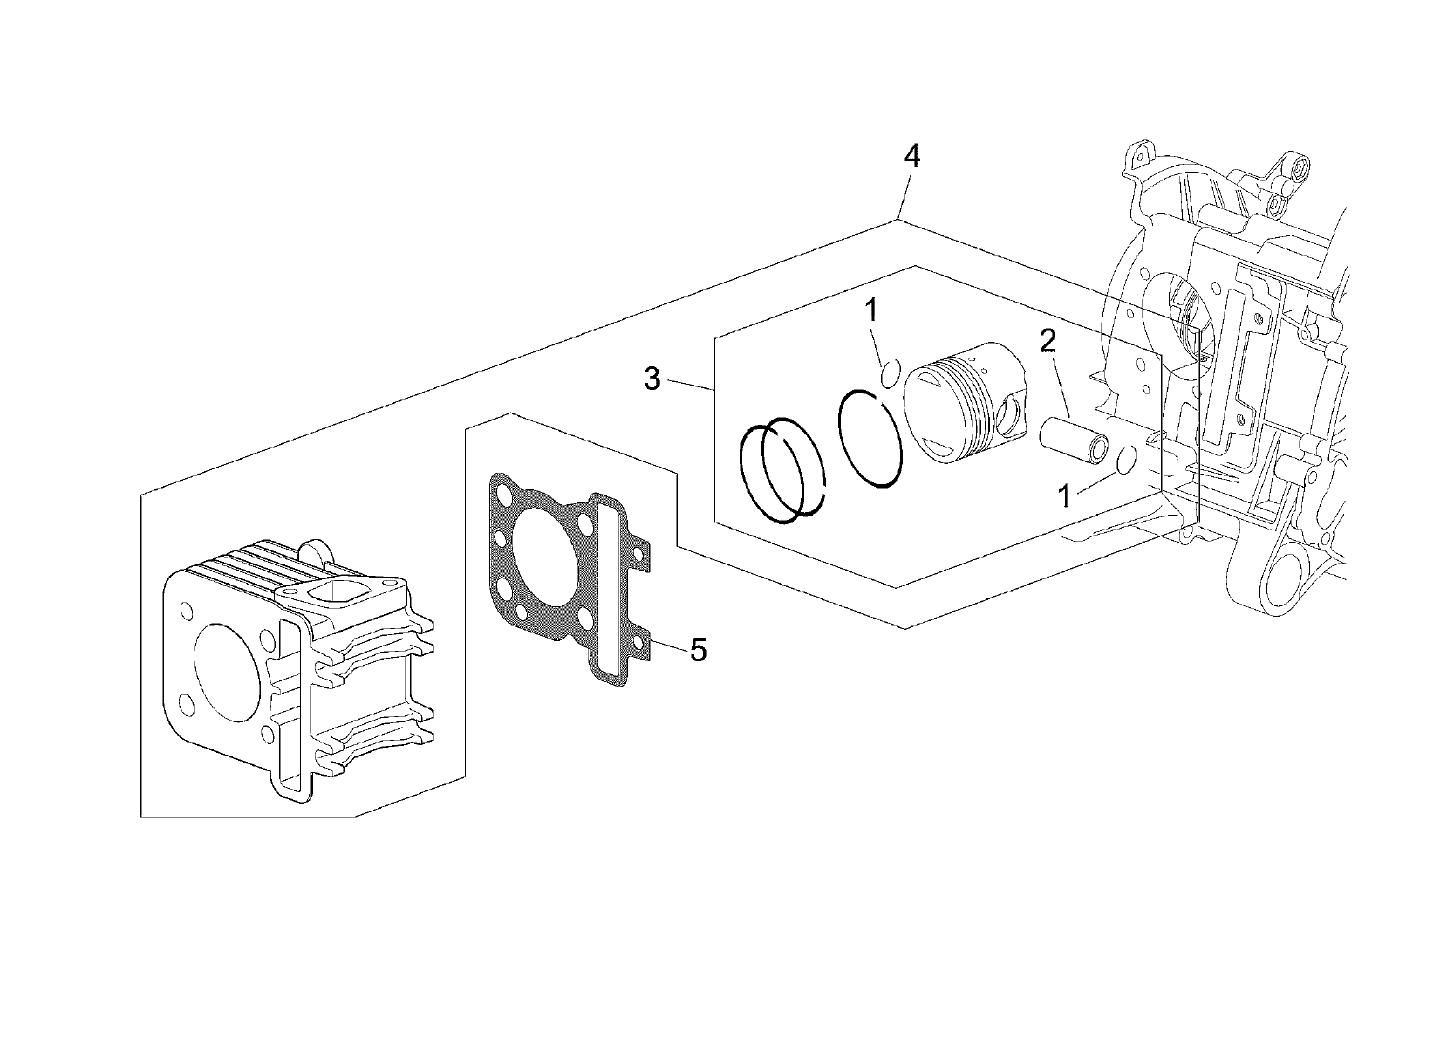 Gruppo pistone pleto di spinotto fasce e fermi ex codice ap8551130 motore piaggio 100cc